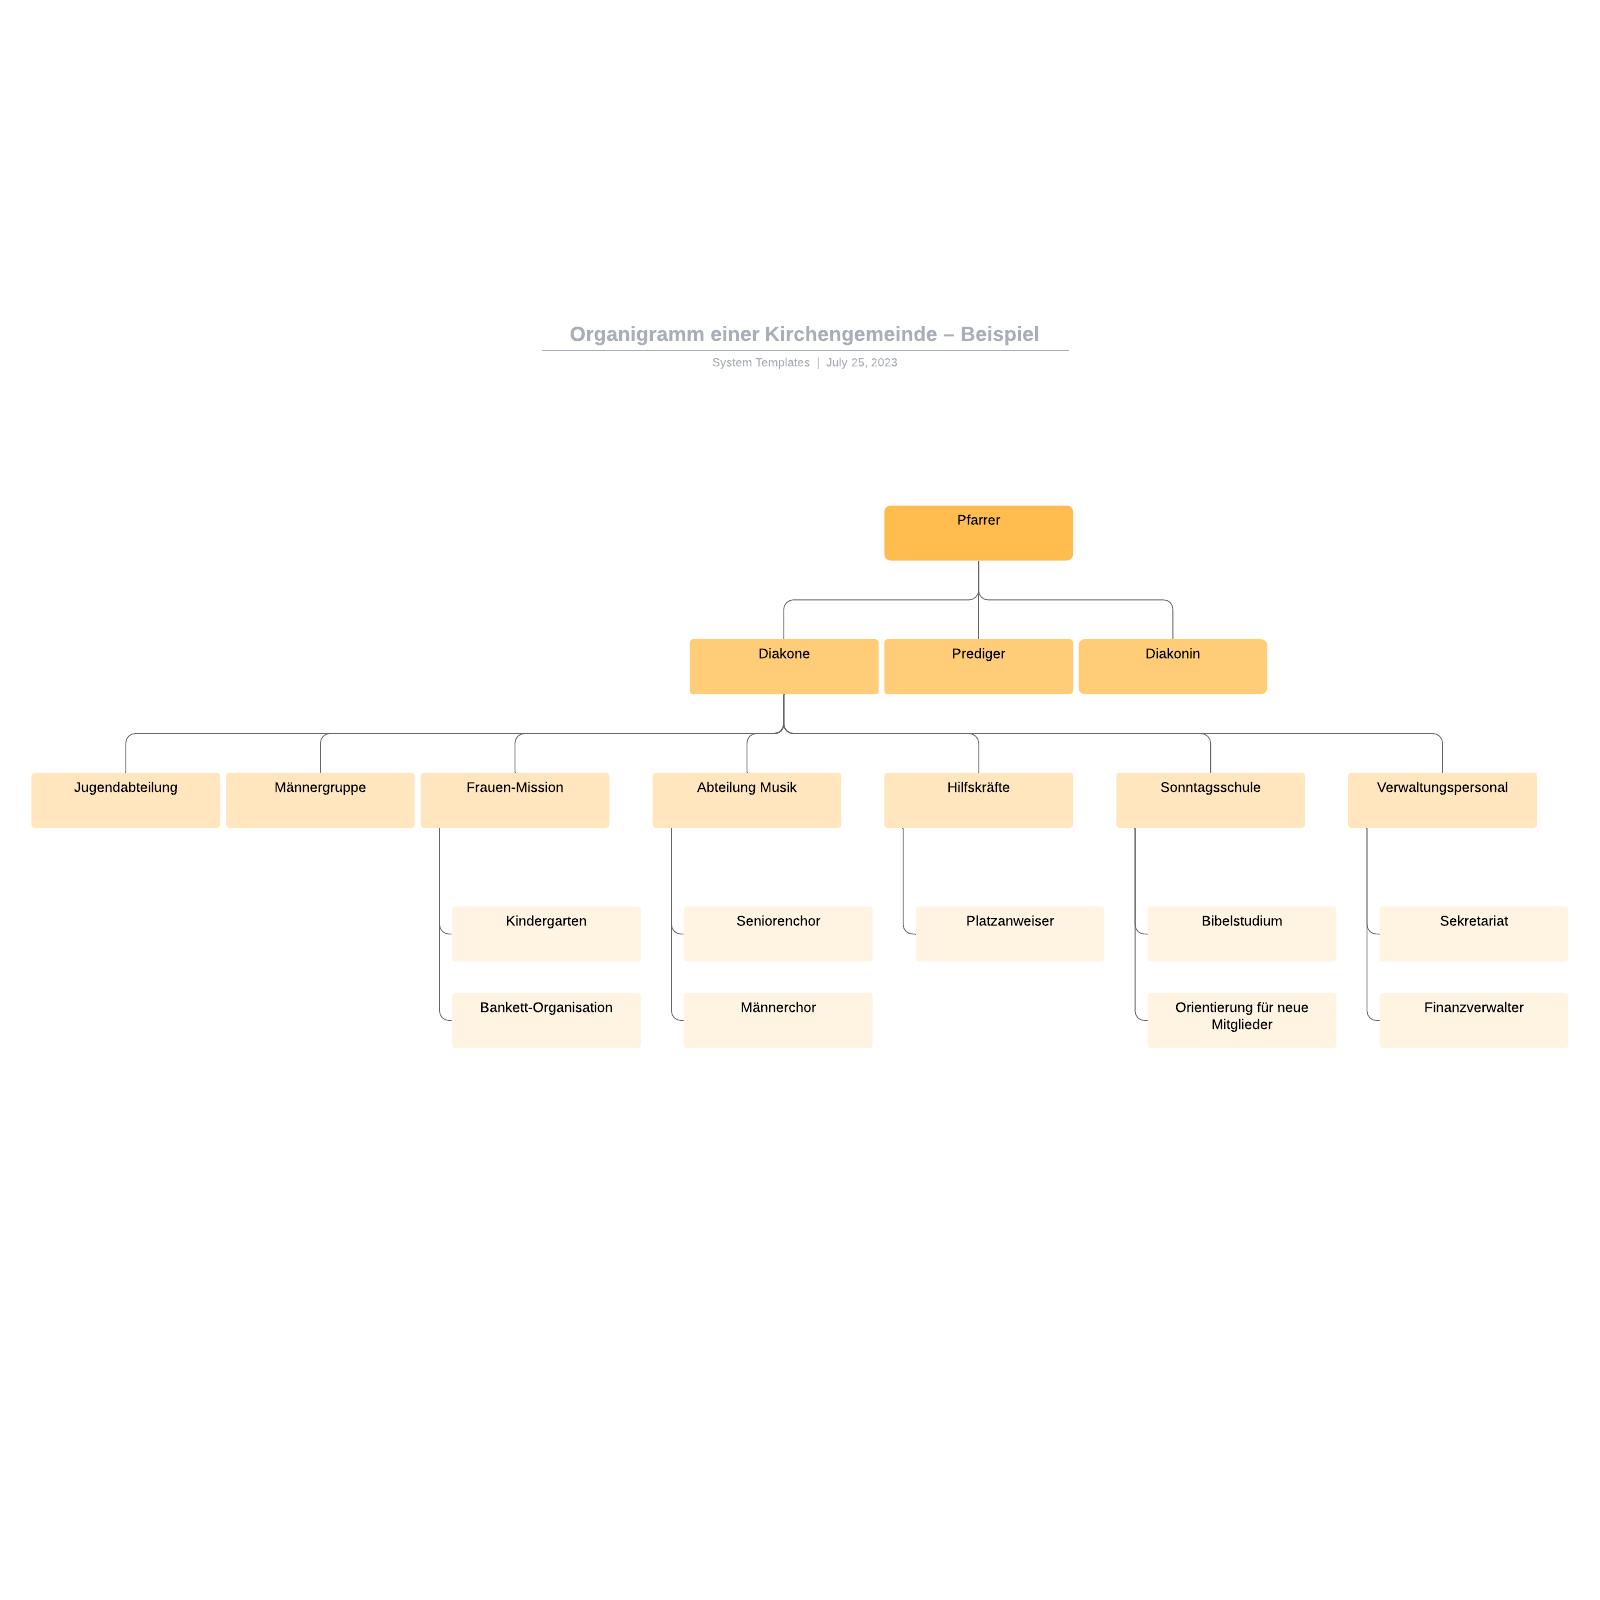 Organigramm einer Kirchengemeinde– Beispiel